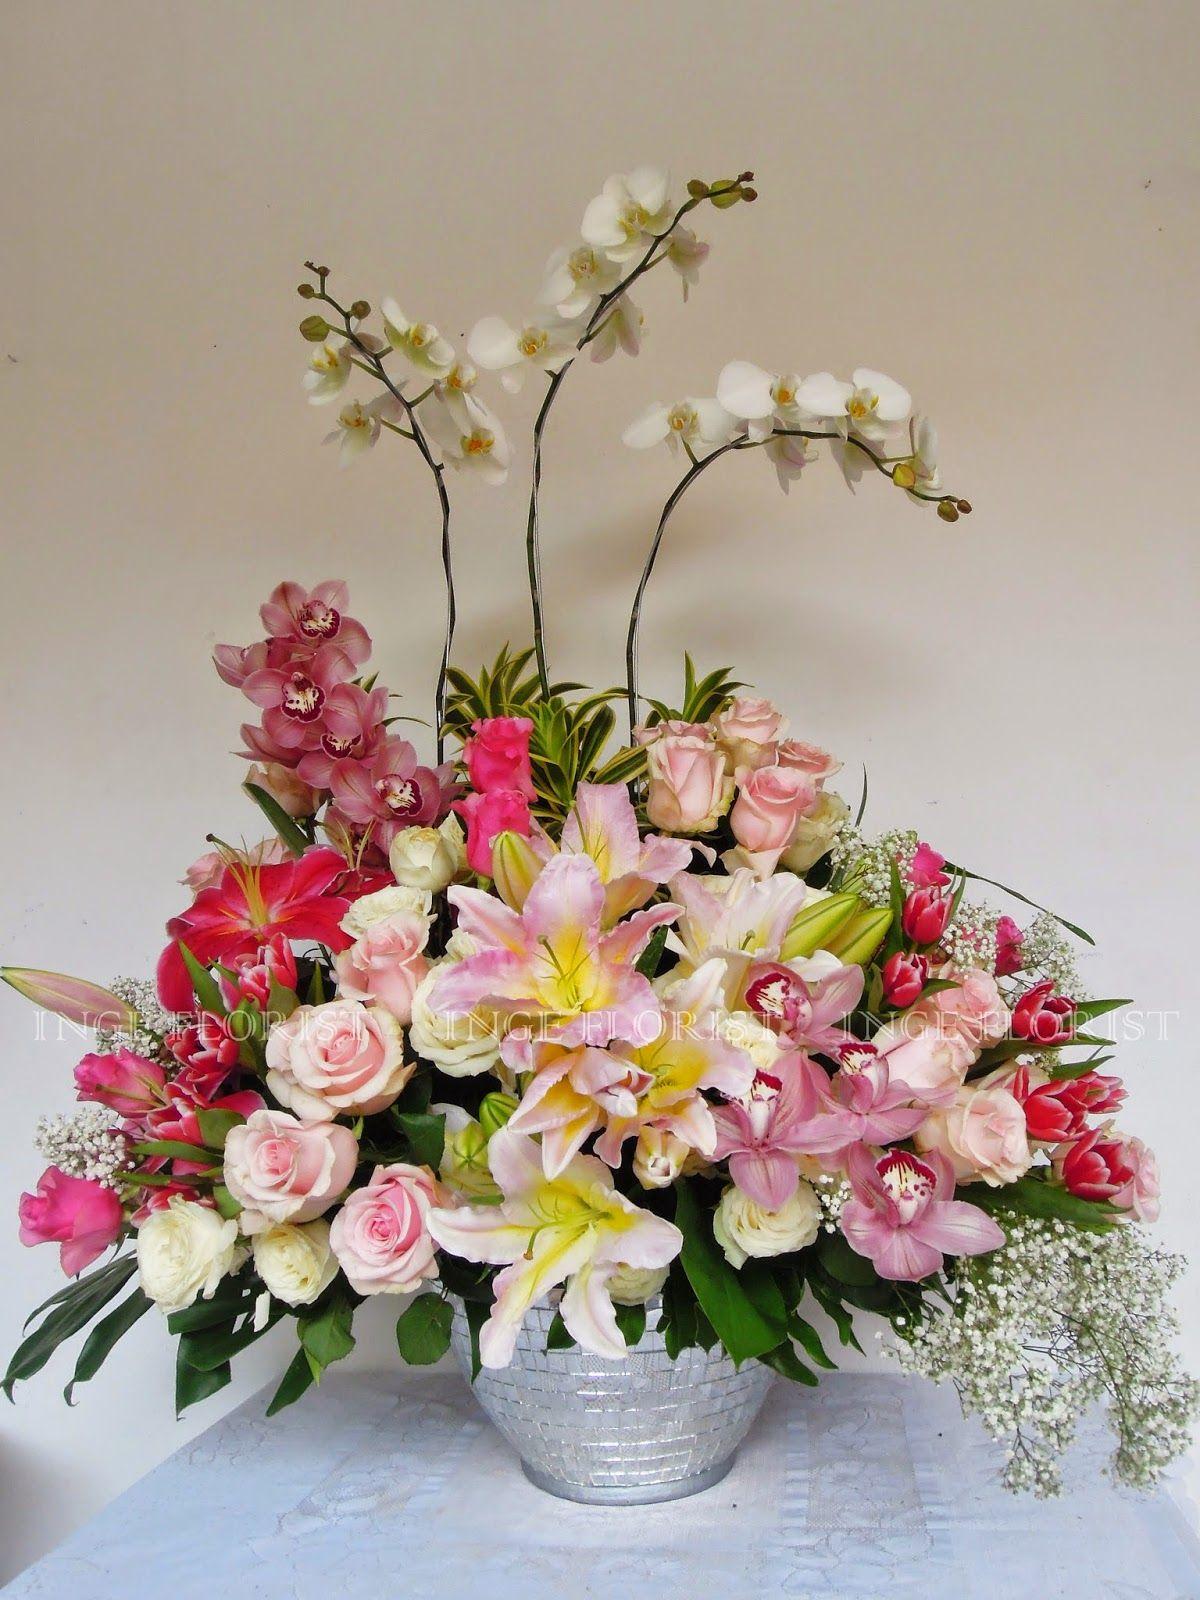 Florist Kencana Toko Bunga Bandung Murah Menyediakan Jasa Produksi